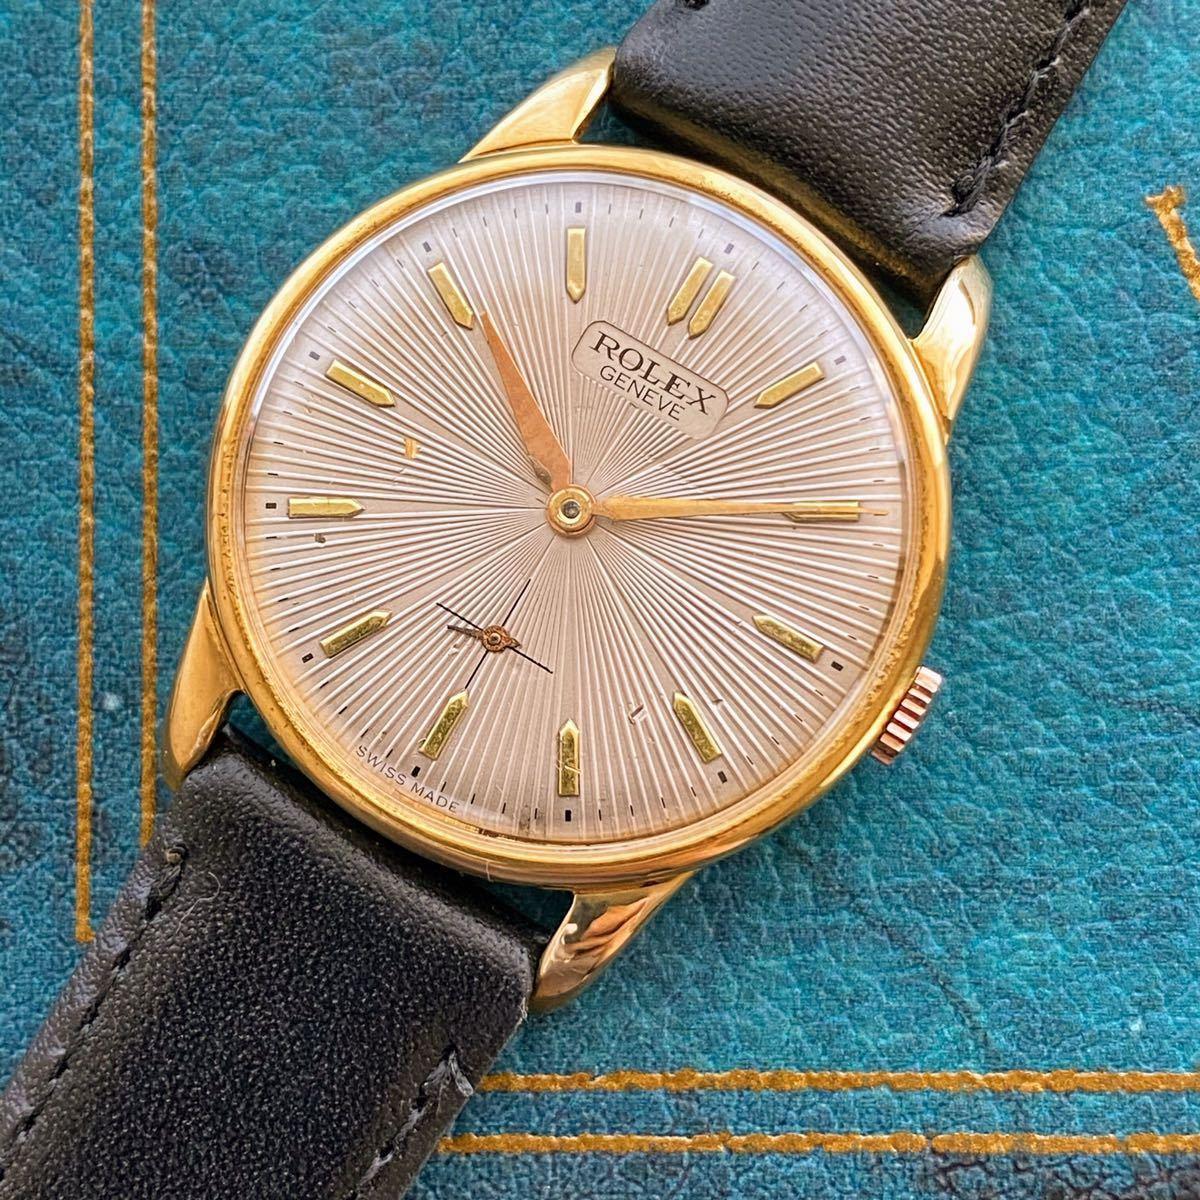 激レア【OH済】ロレックス ■ ROLEX ジュネーブ 14KGP 1950年代 アンティーク 中古 メンズ 手巻き 機械式腕時計 ビンテージ 美品 レア_画像3